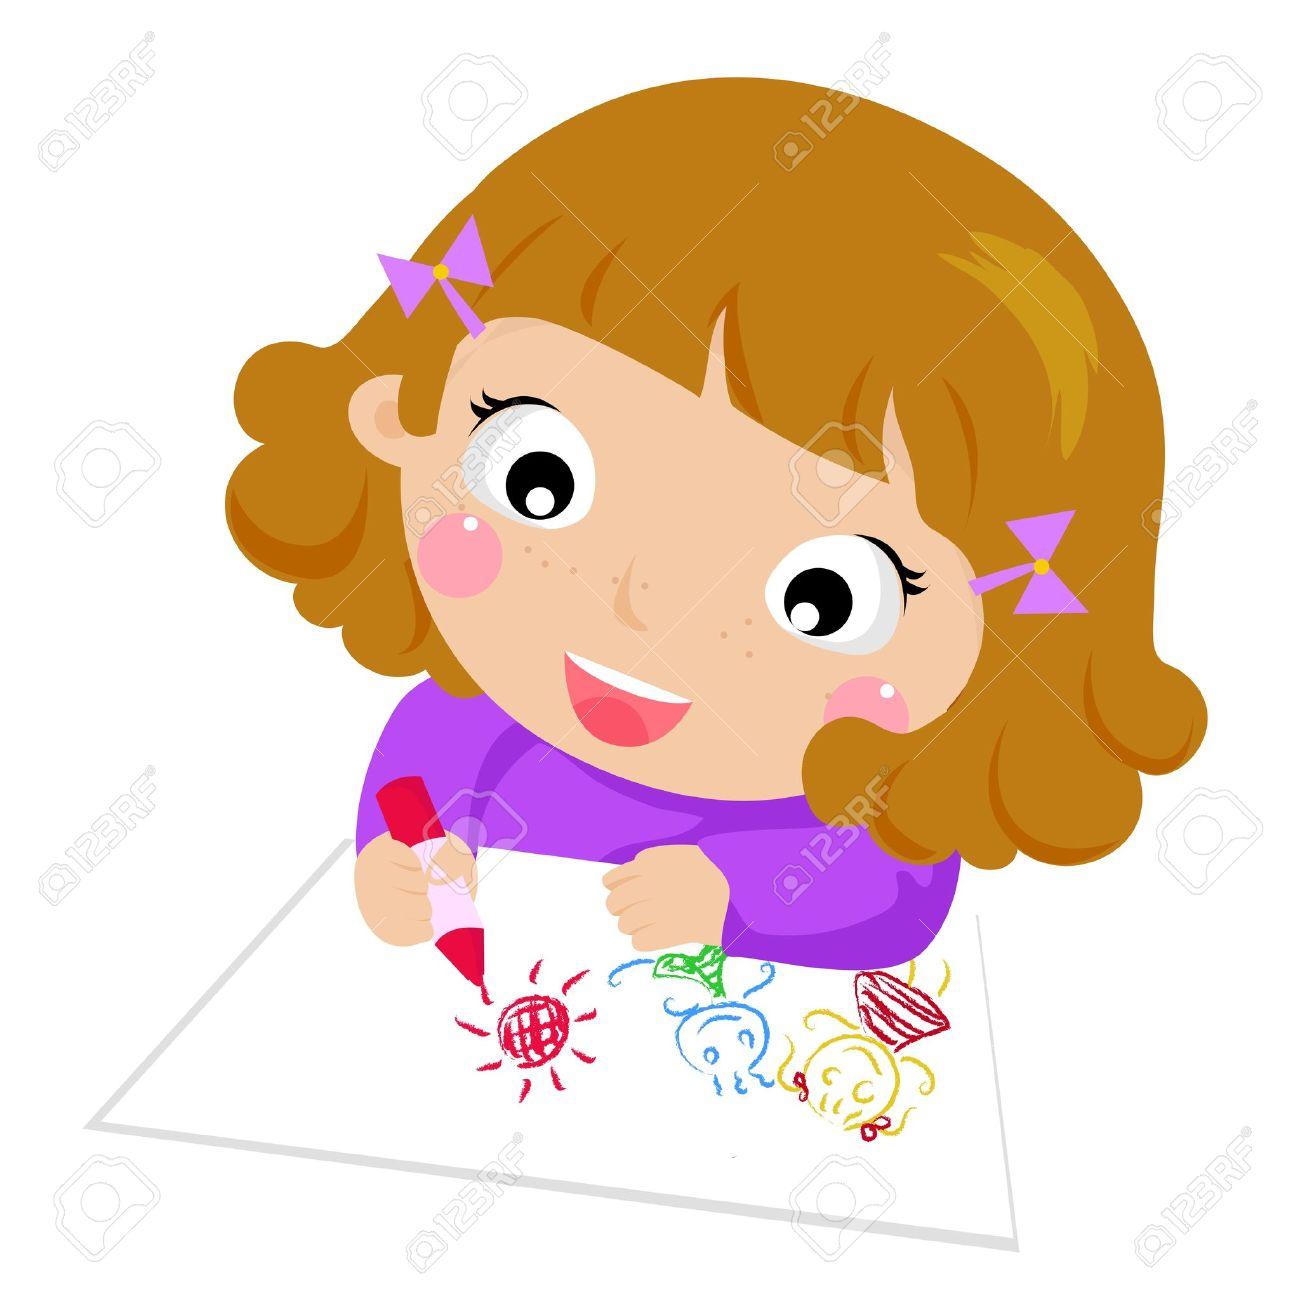 clipart cartoon drawings - Kids Cartoon Drawings